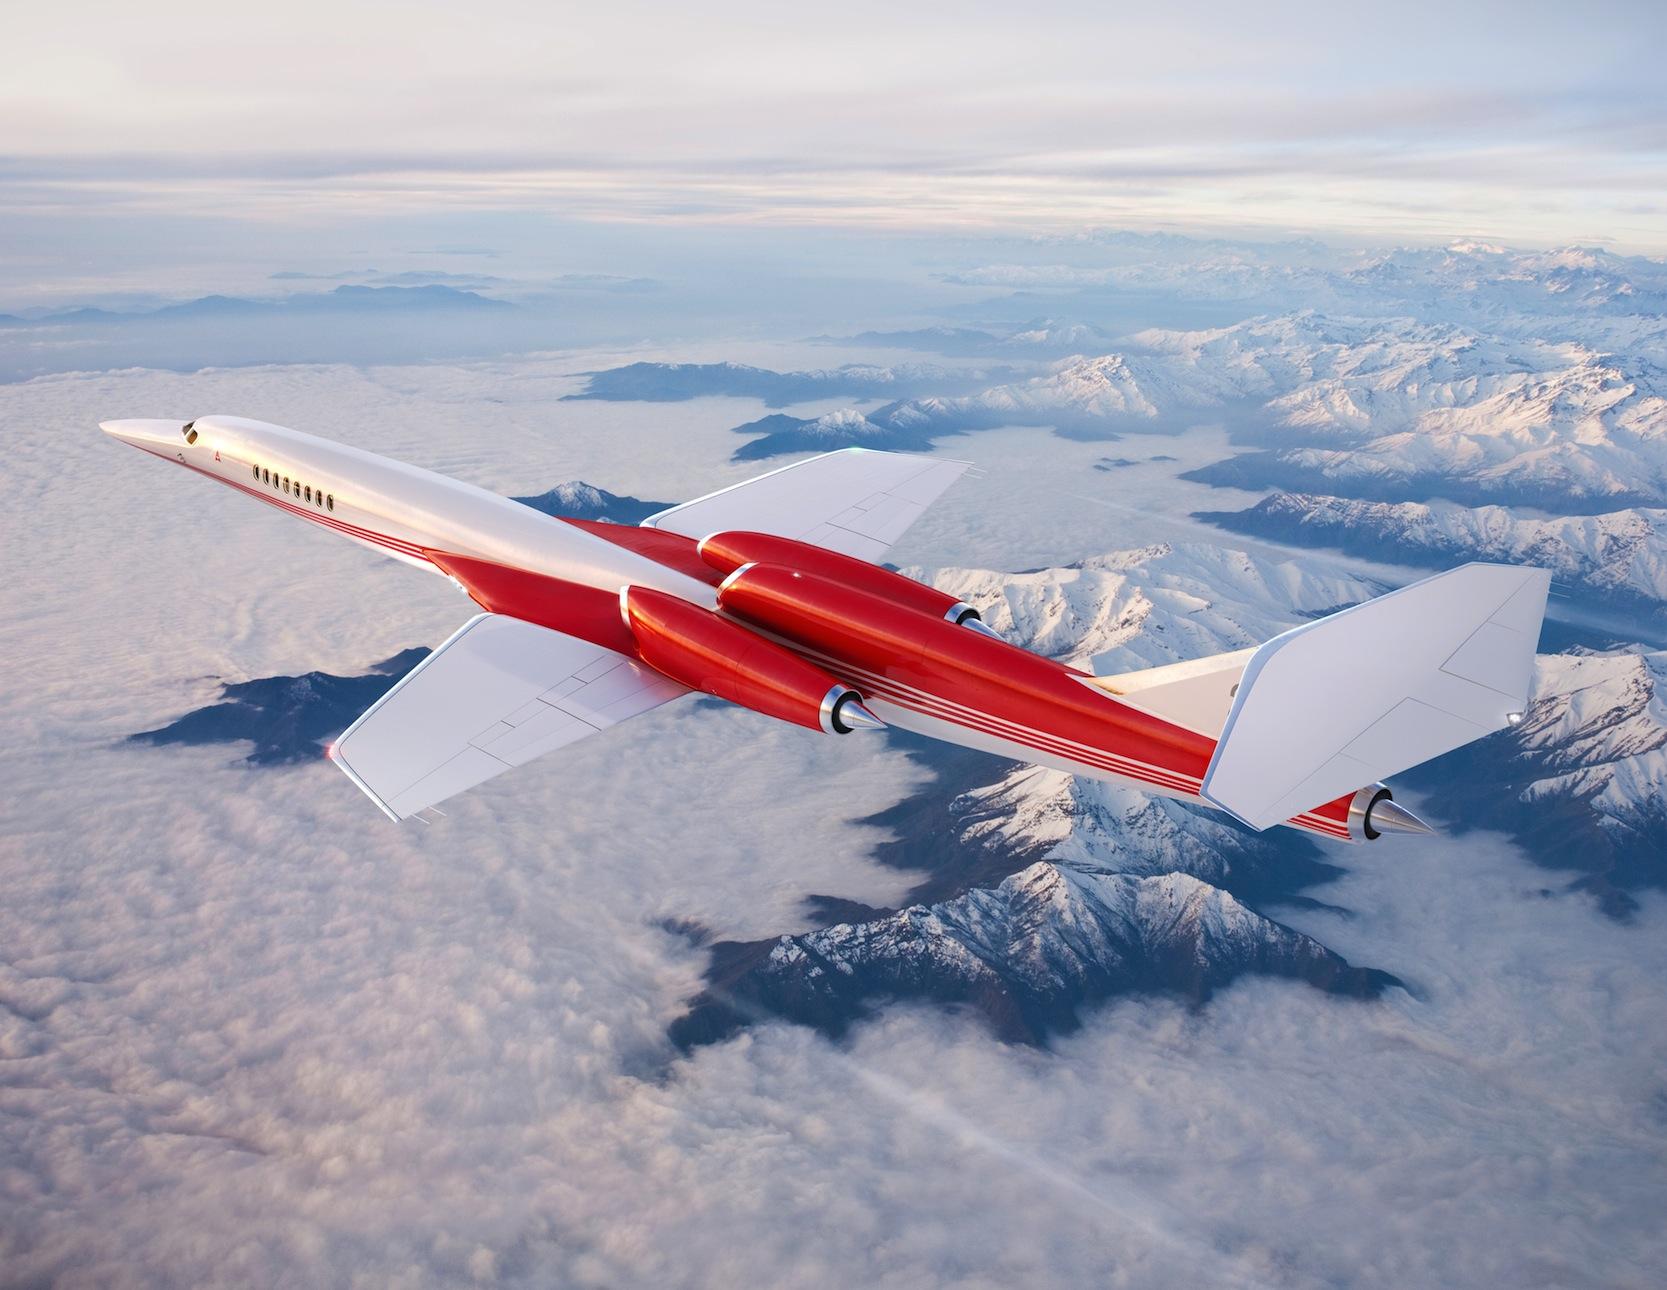 Auch Airbus will gemeinsam mit dem US-Unternehmen Aerion ein Überschallflugzeug entwickeln.